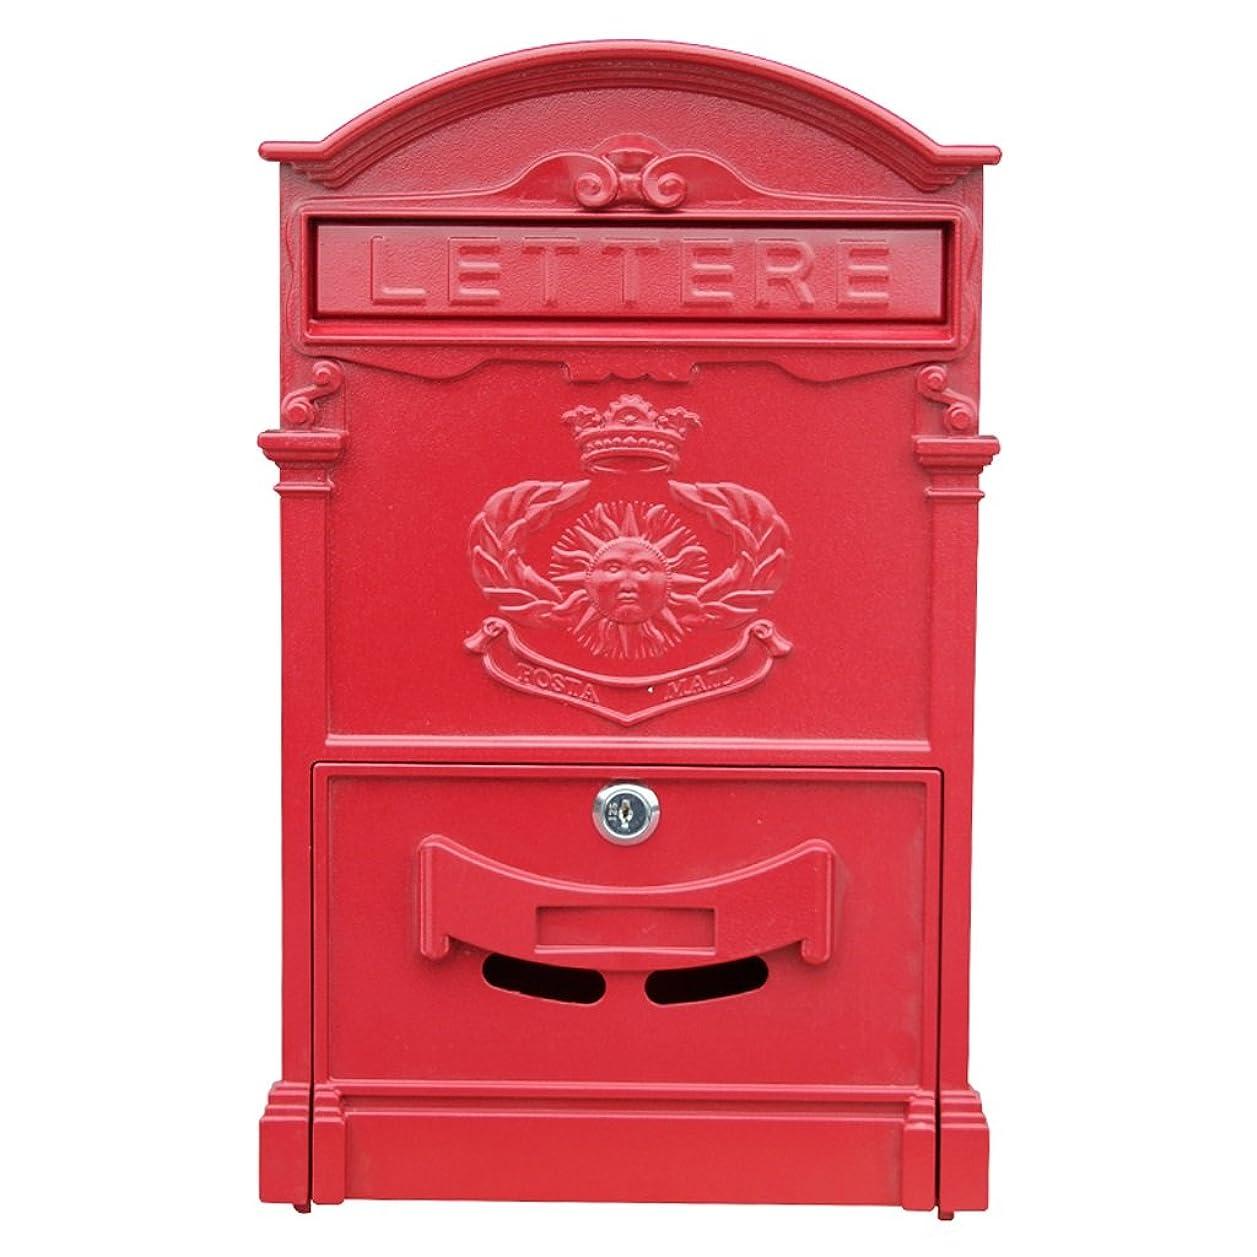 劇場発明キャンペーンGLJJQMY ヨーロッパのメールボックスヴィラのメールボックスロックの壁のレトロメールボックス防水大型新聞ボックスと屋外クリエイティブ鍛造鉄 メールボックス (色 : Red)